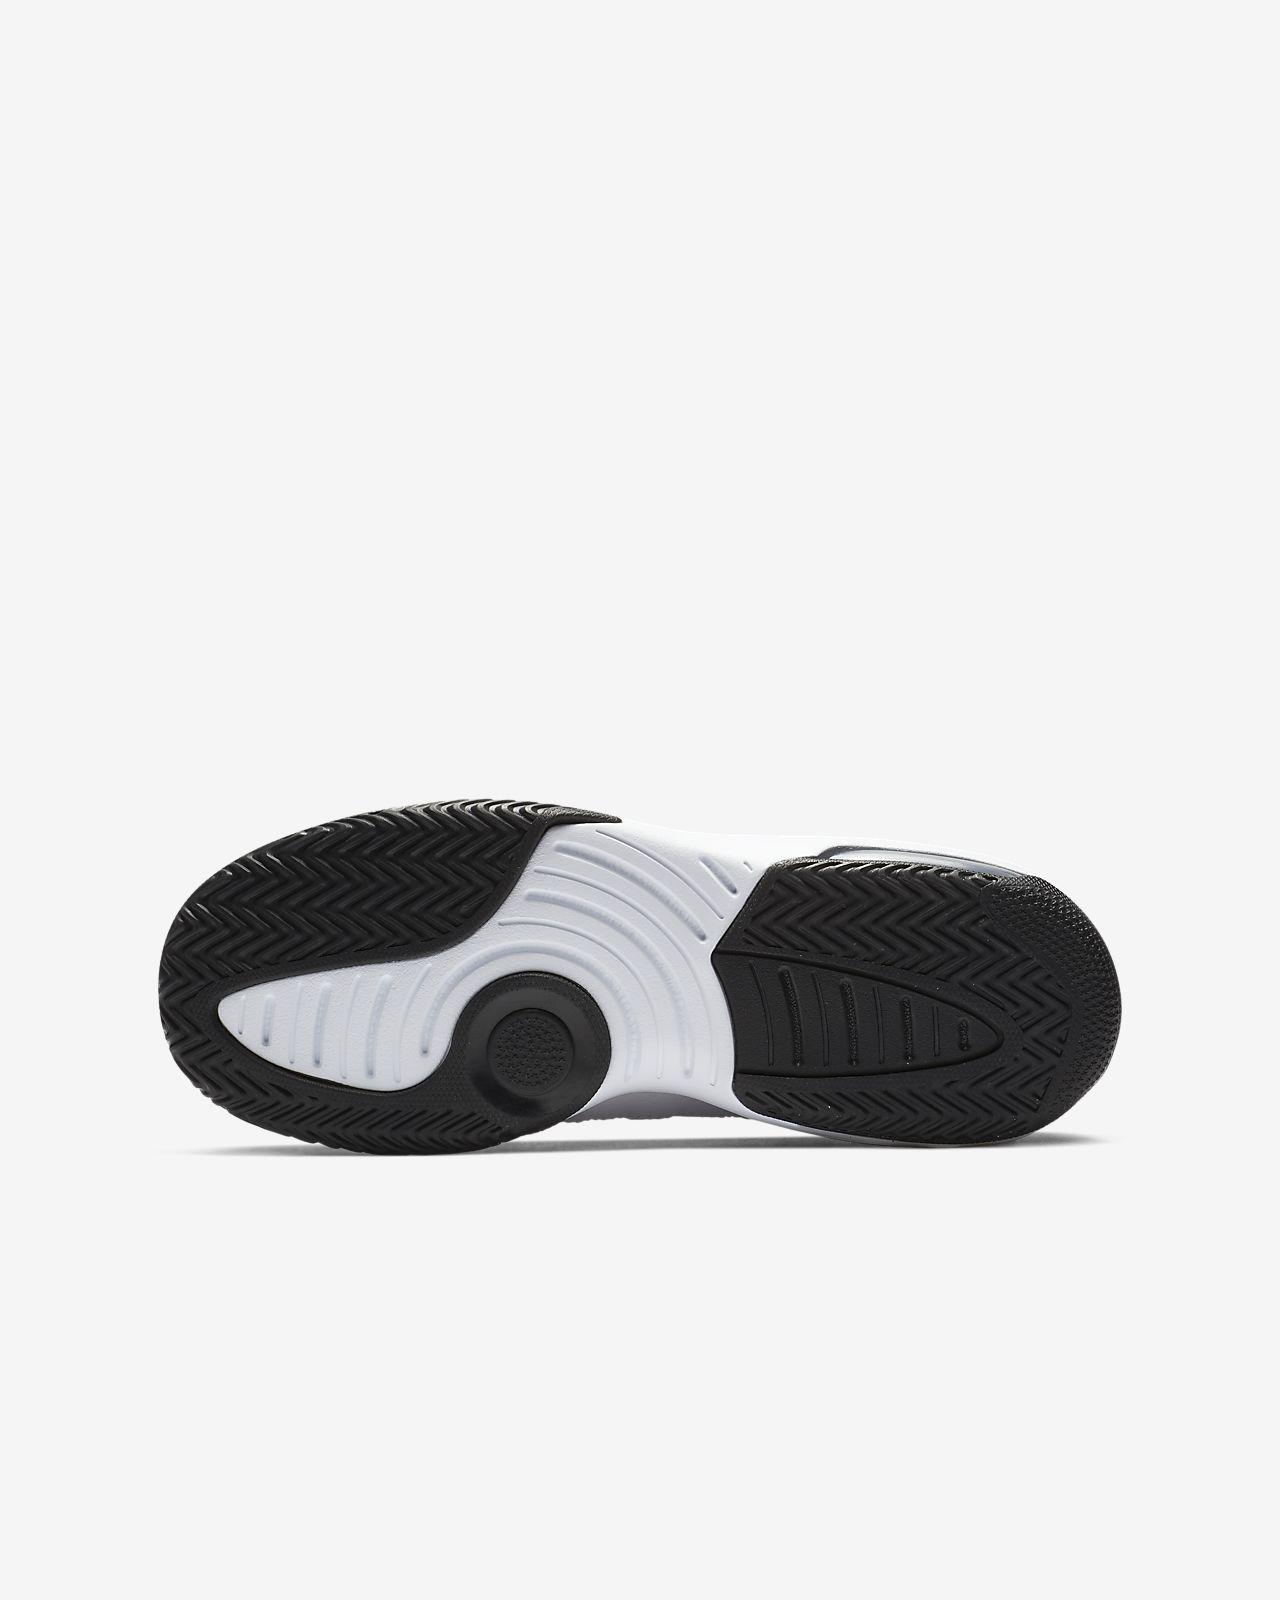 sports shoes 5b6db d43a9 ... Chaussure Jordan Max Aura pour Enfant plus âgé